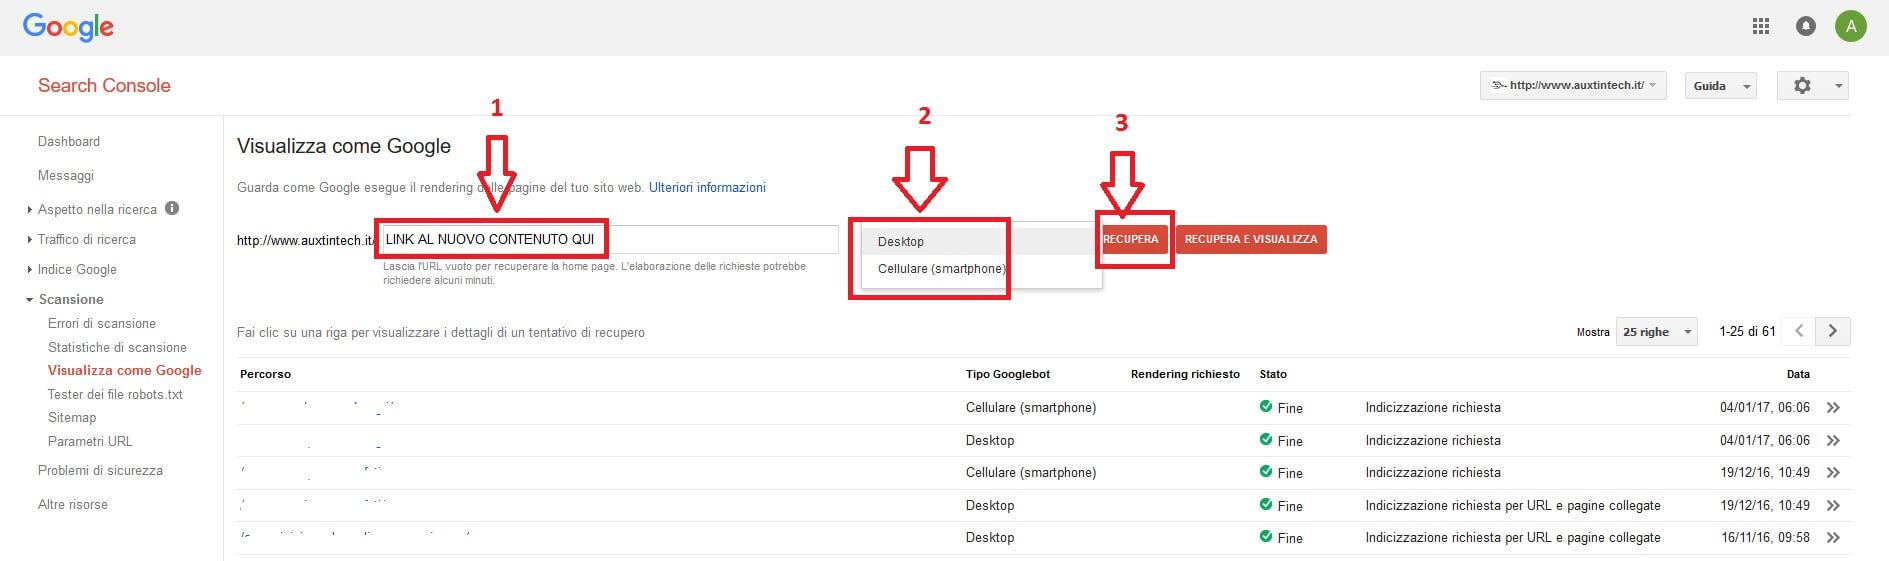 visualizza-come-google-link-nuovo-contenuto